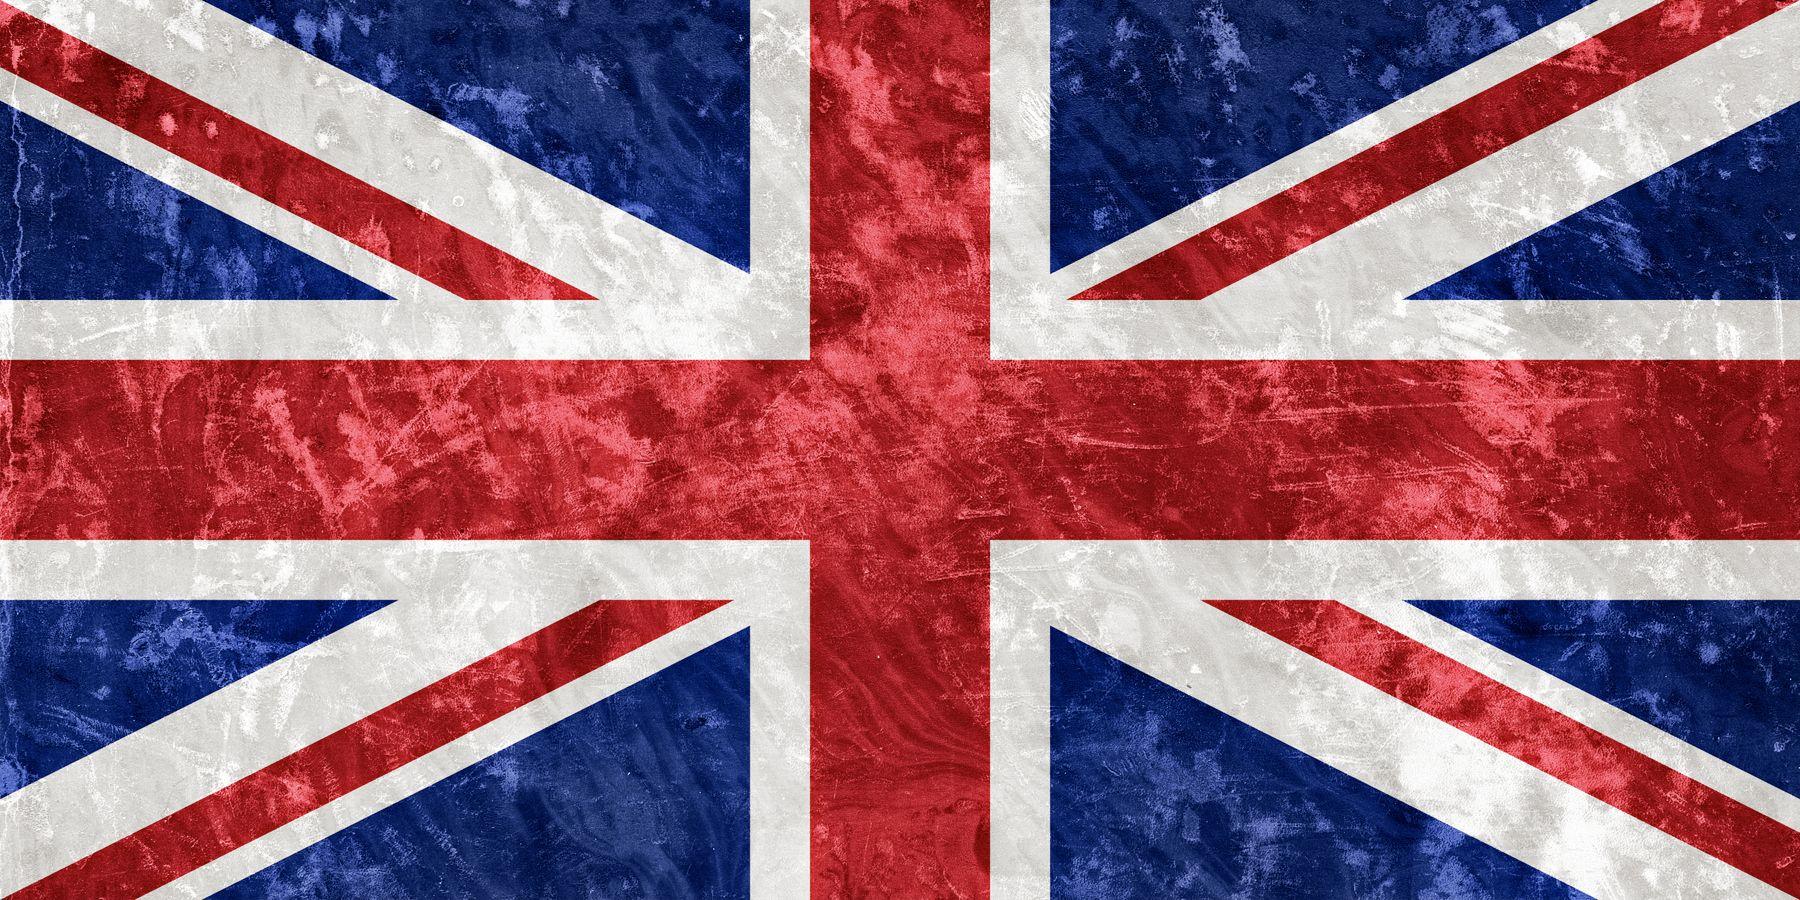 un drapeau anglais pour un petit d u00e9jeuner anglais    quoi de plus naturel